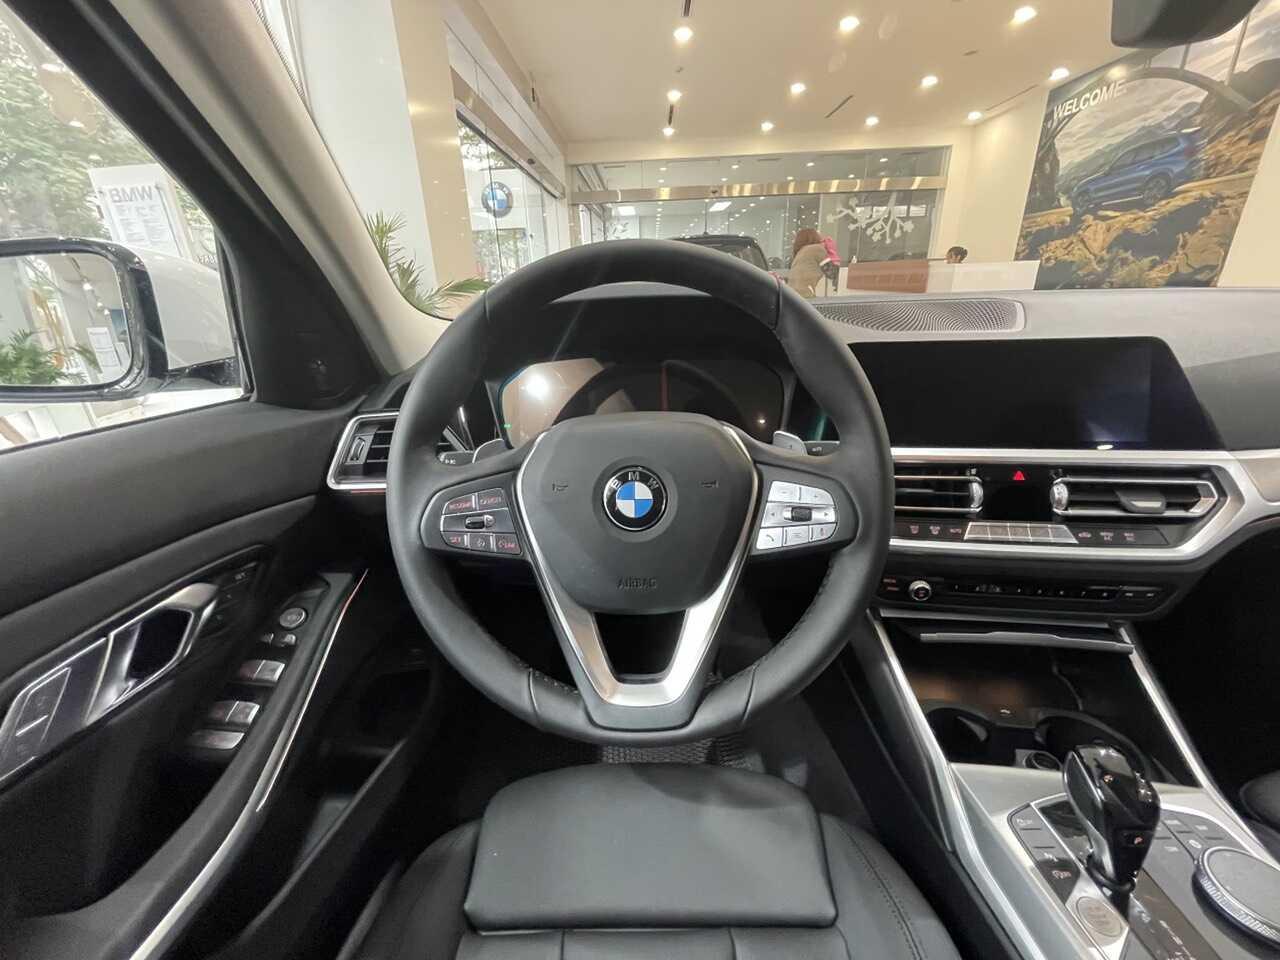 Vô lăng và bảng điều kiển trên BMW 320i Plus.